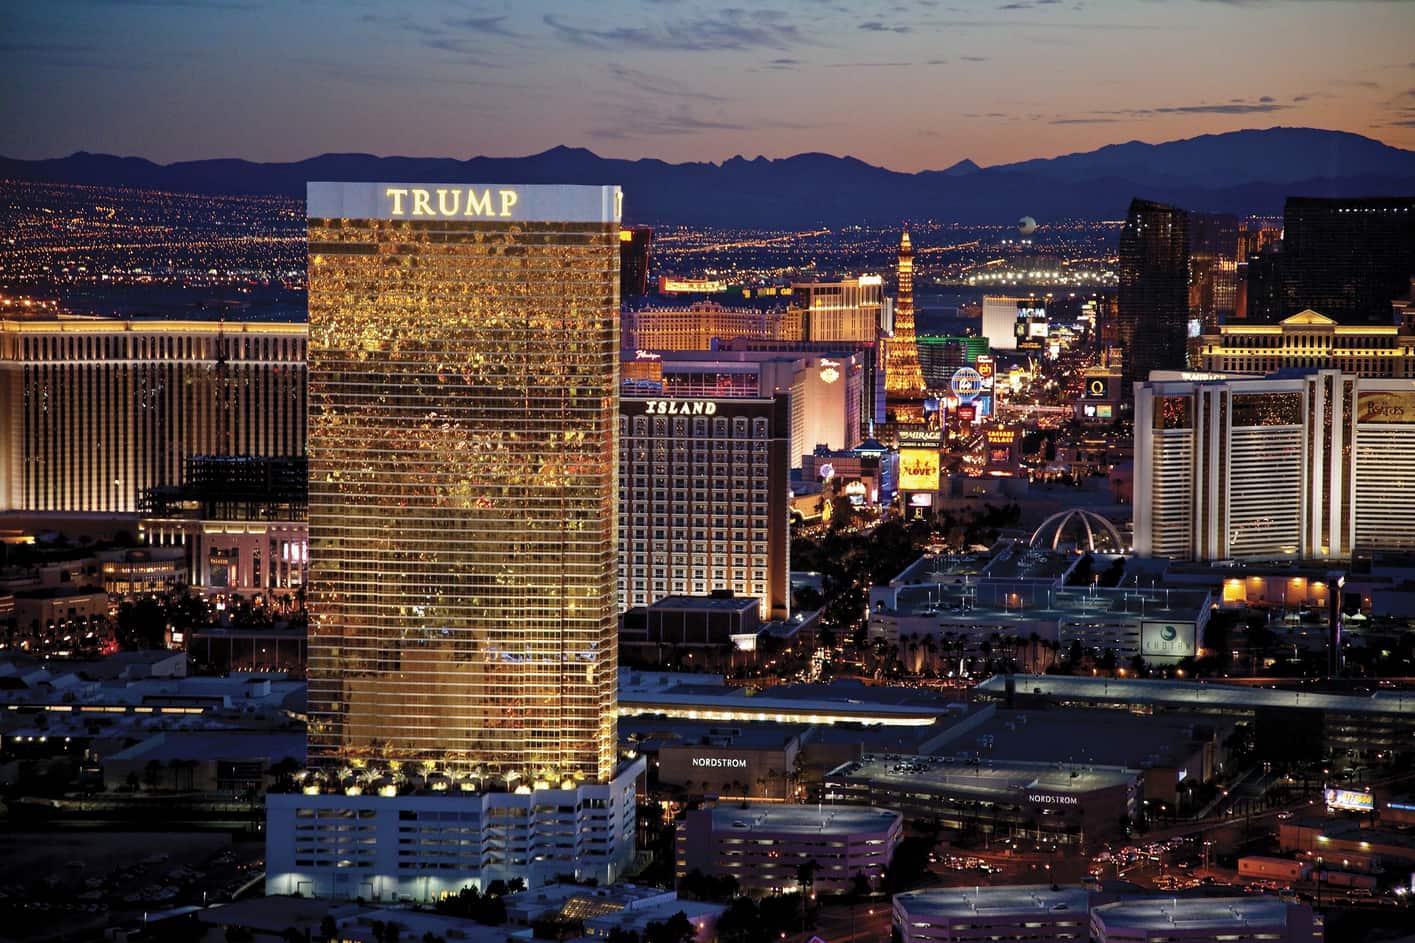 Trump International Hotel, Las Vegas' top 10 luxury hotels